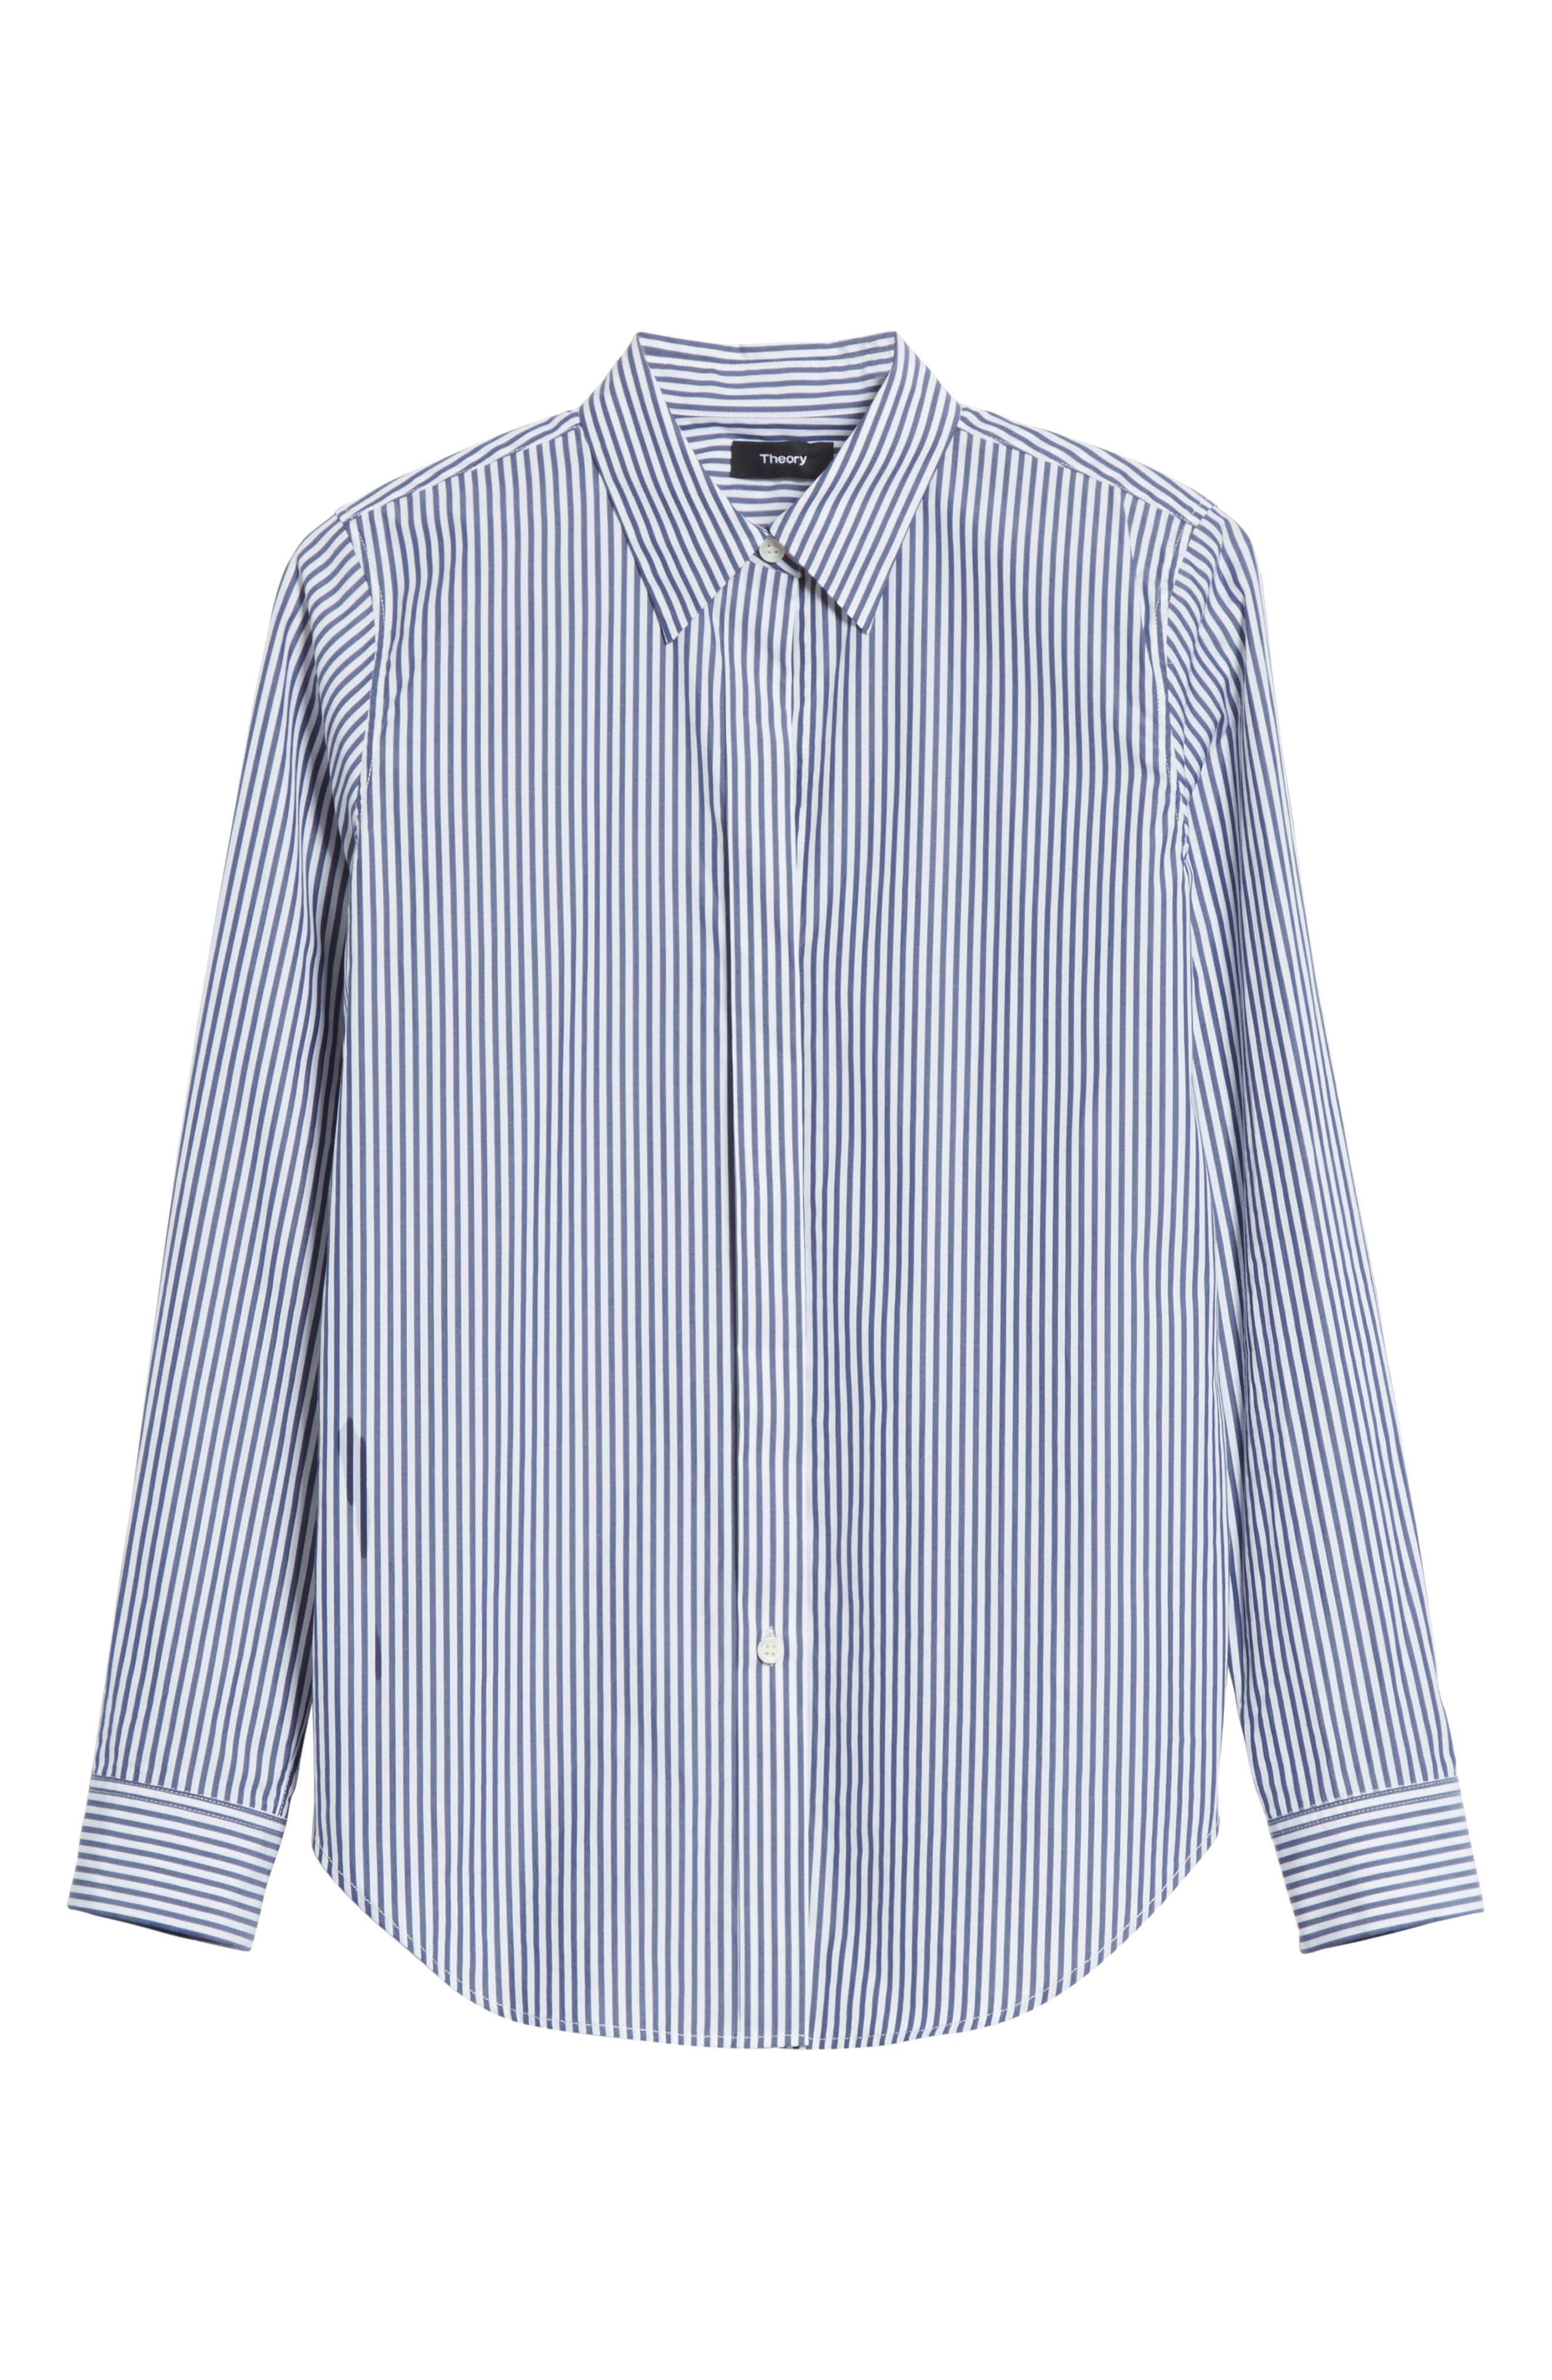 Essential Button Down Cotton Shirt,                             Alternate thumbnail 6, color,                             450